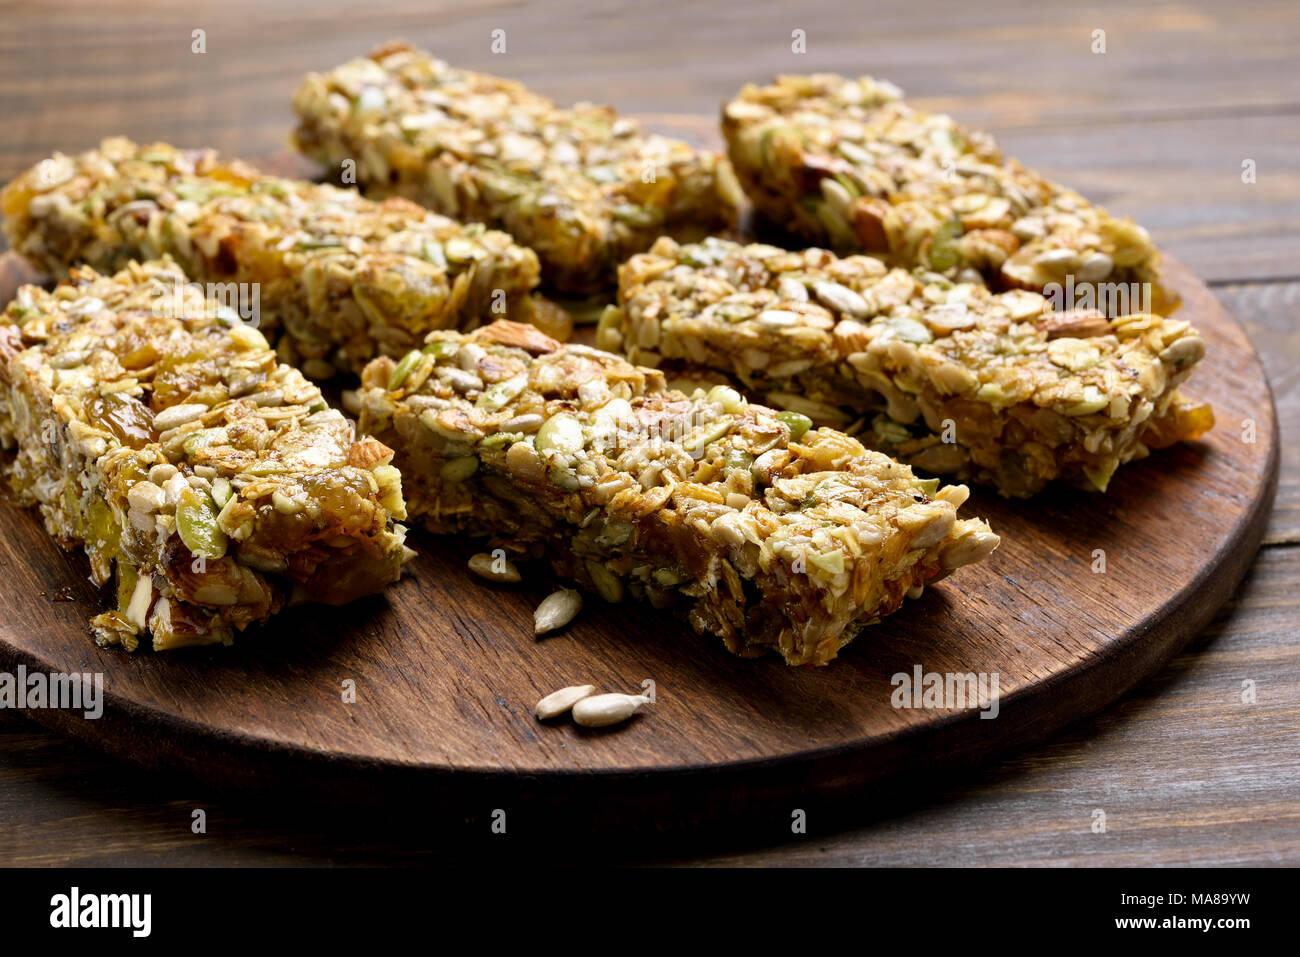 Barra de granola. Snack saludable de energía sobre la plancha de madera. Vista cercana Imagen De Stock